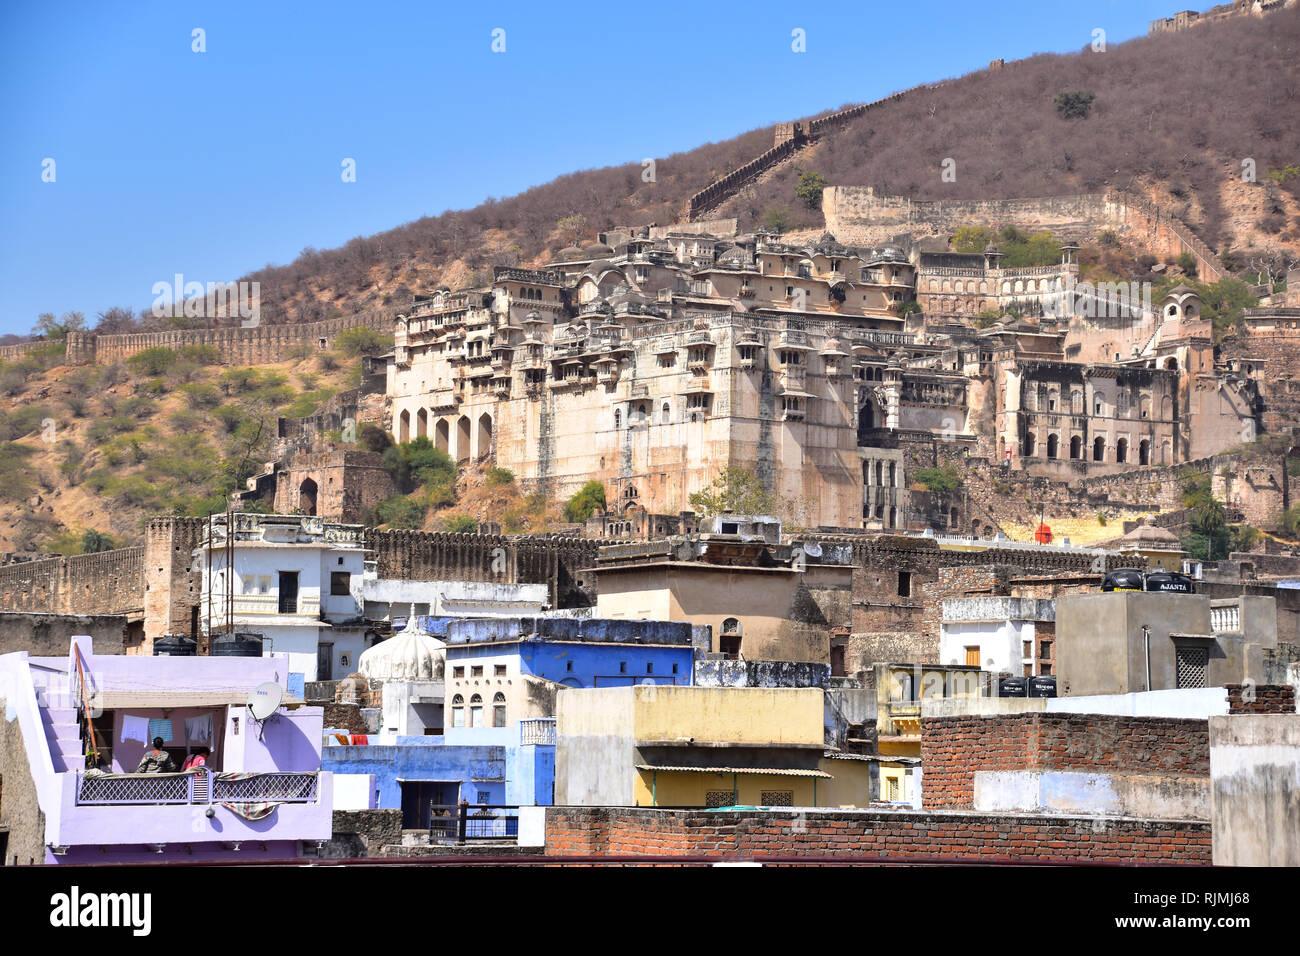 Bundi Palace & Taragarh Fort, or Star Fort, Bundi, Rajasthan, India - Stock Image